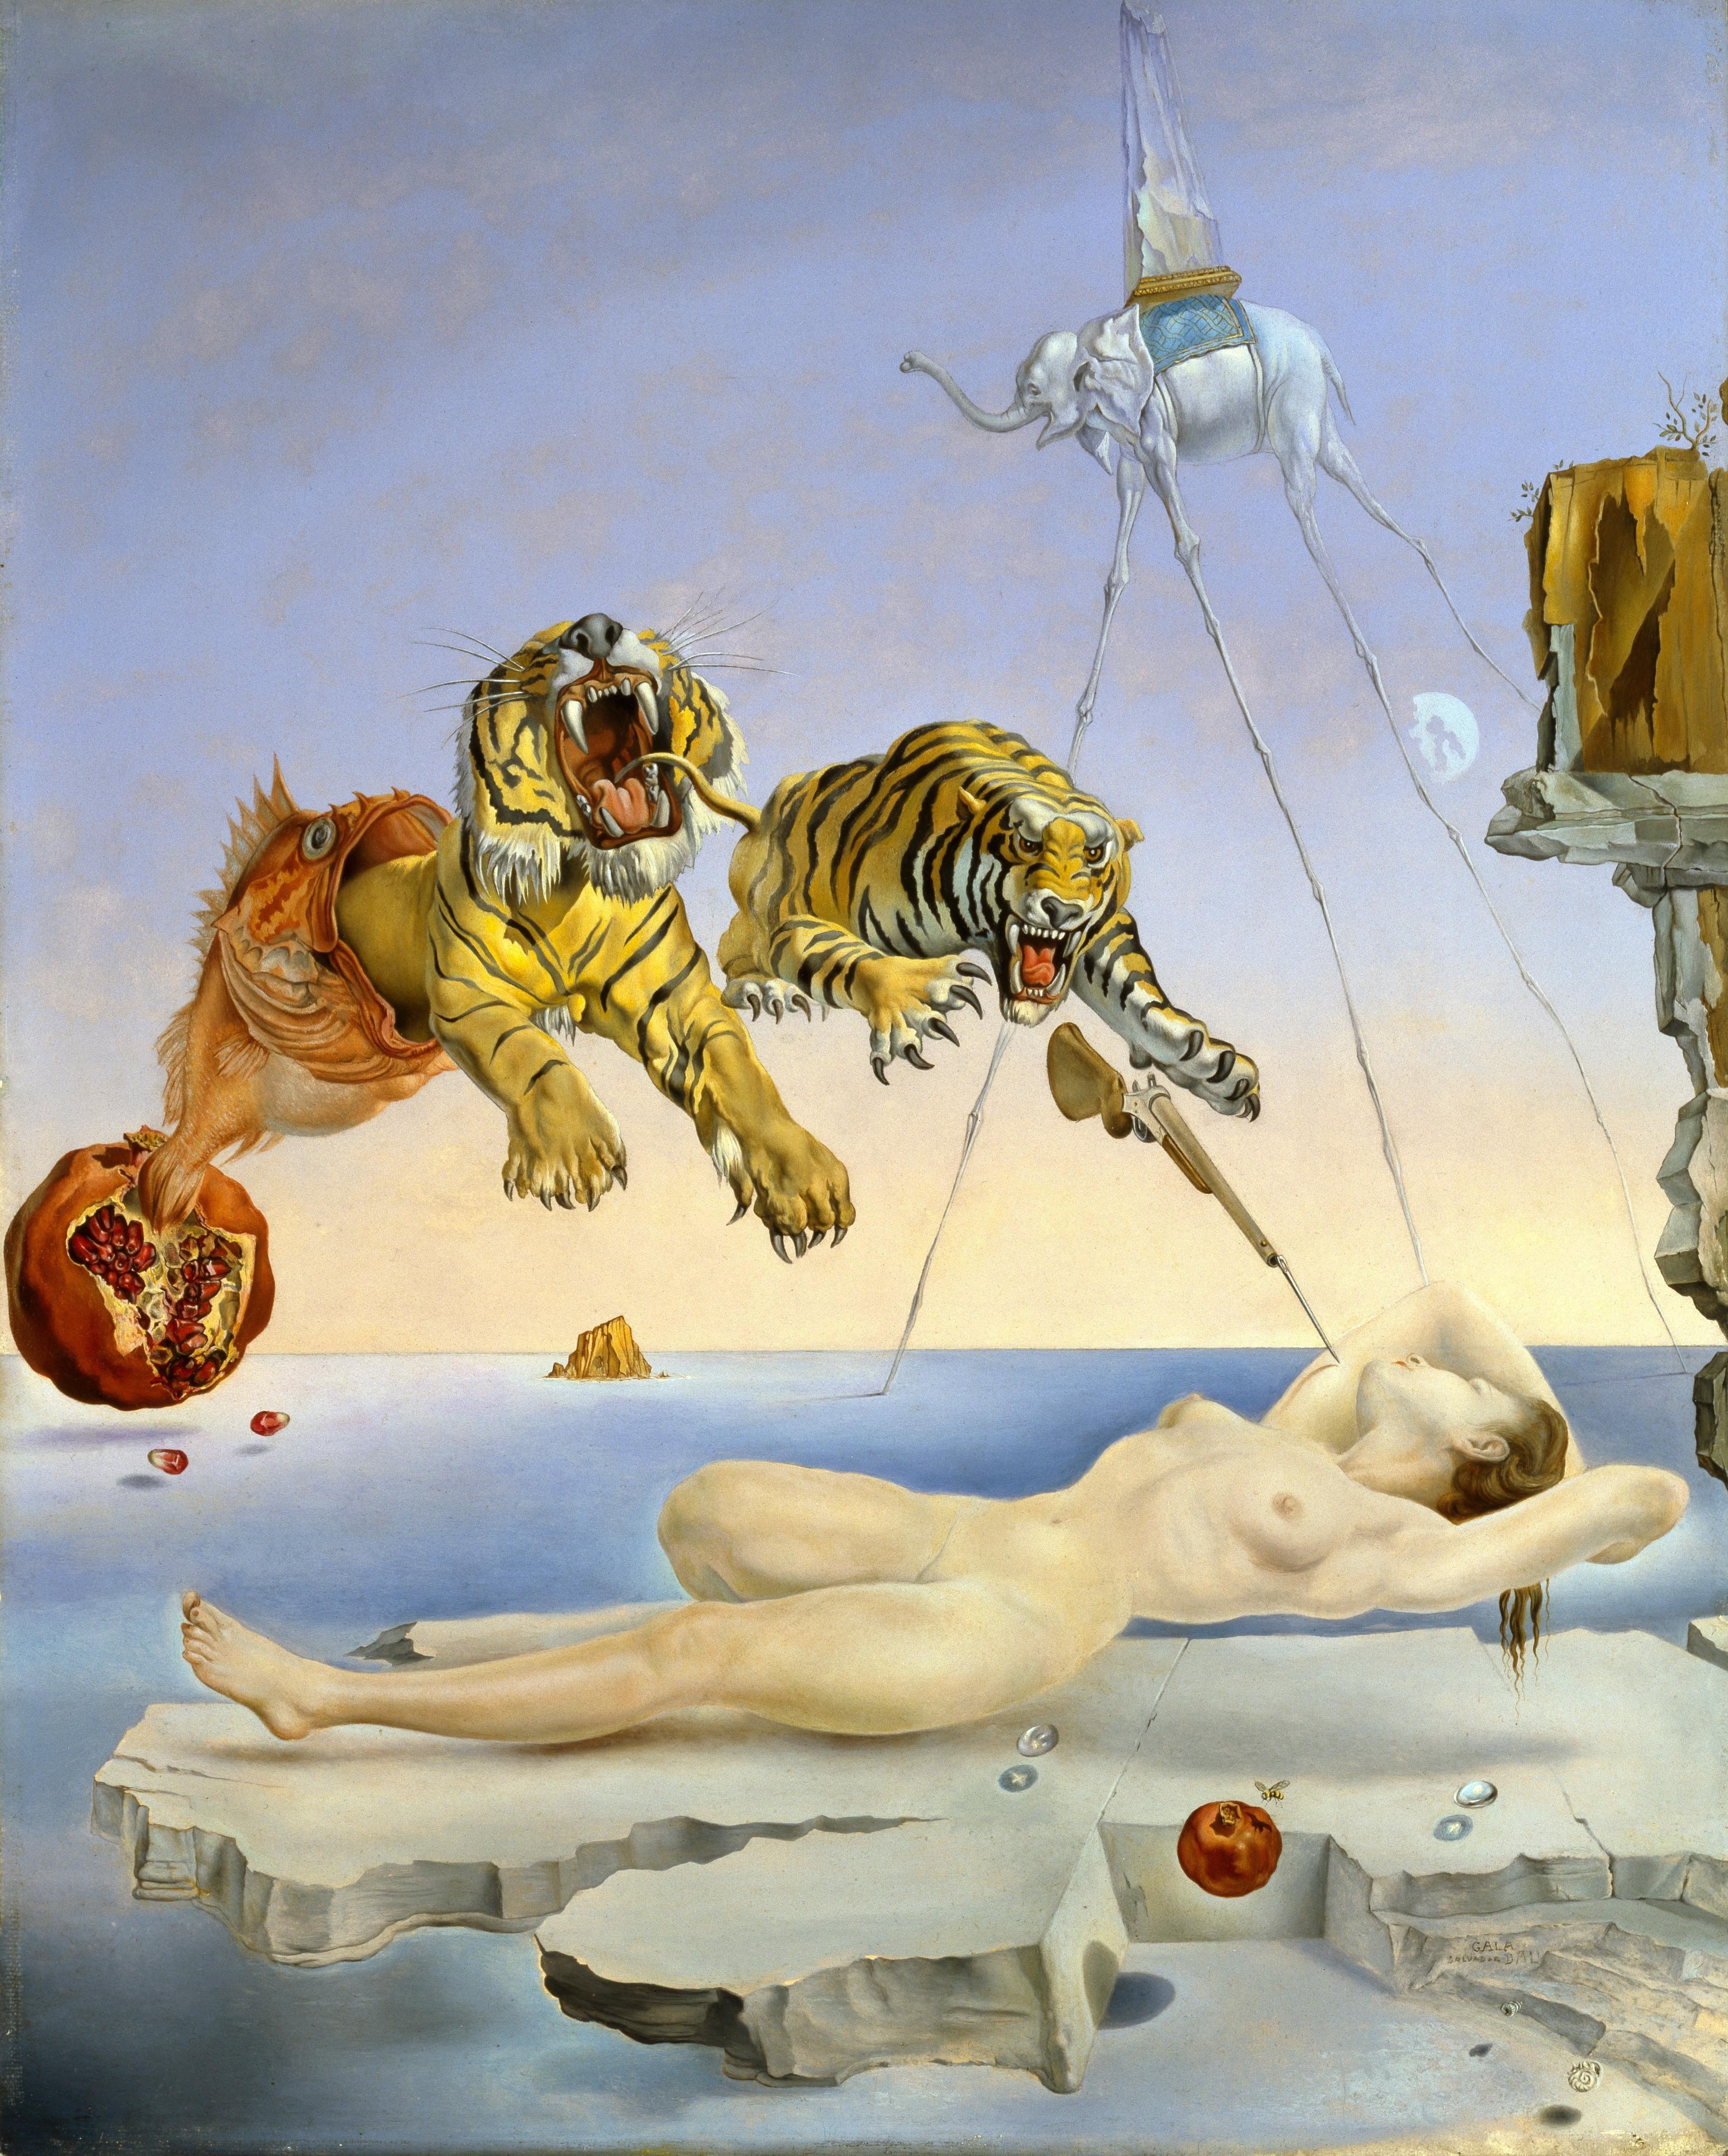 Sonho Causado pelo Voo de uma Abelha ao Redor de uma Romã um Segundo Antes de Acordar 1944 (Foto: Salvador Dalí, Fundación Gala-Salvador Dalí, VEGAP, Barcelona, 2011)